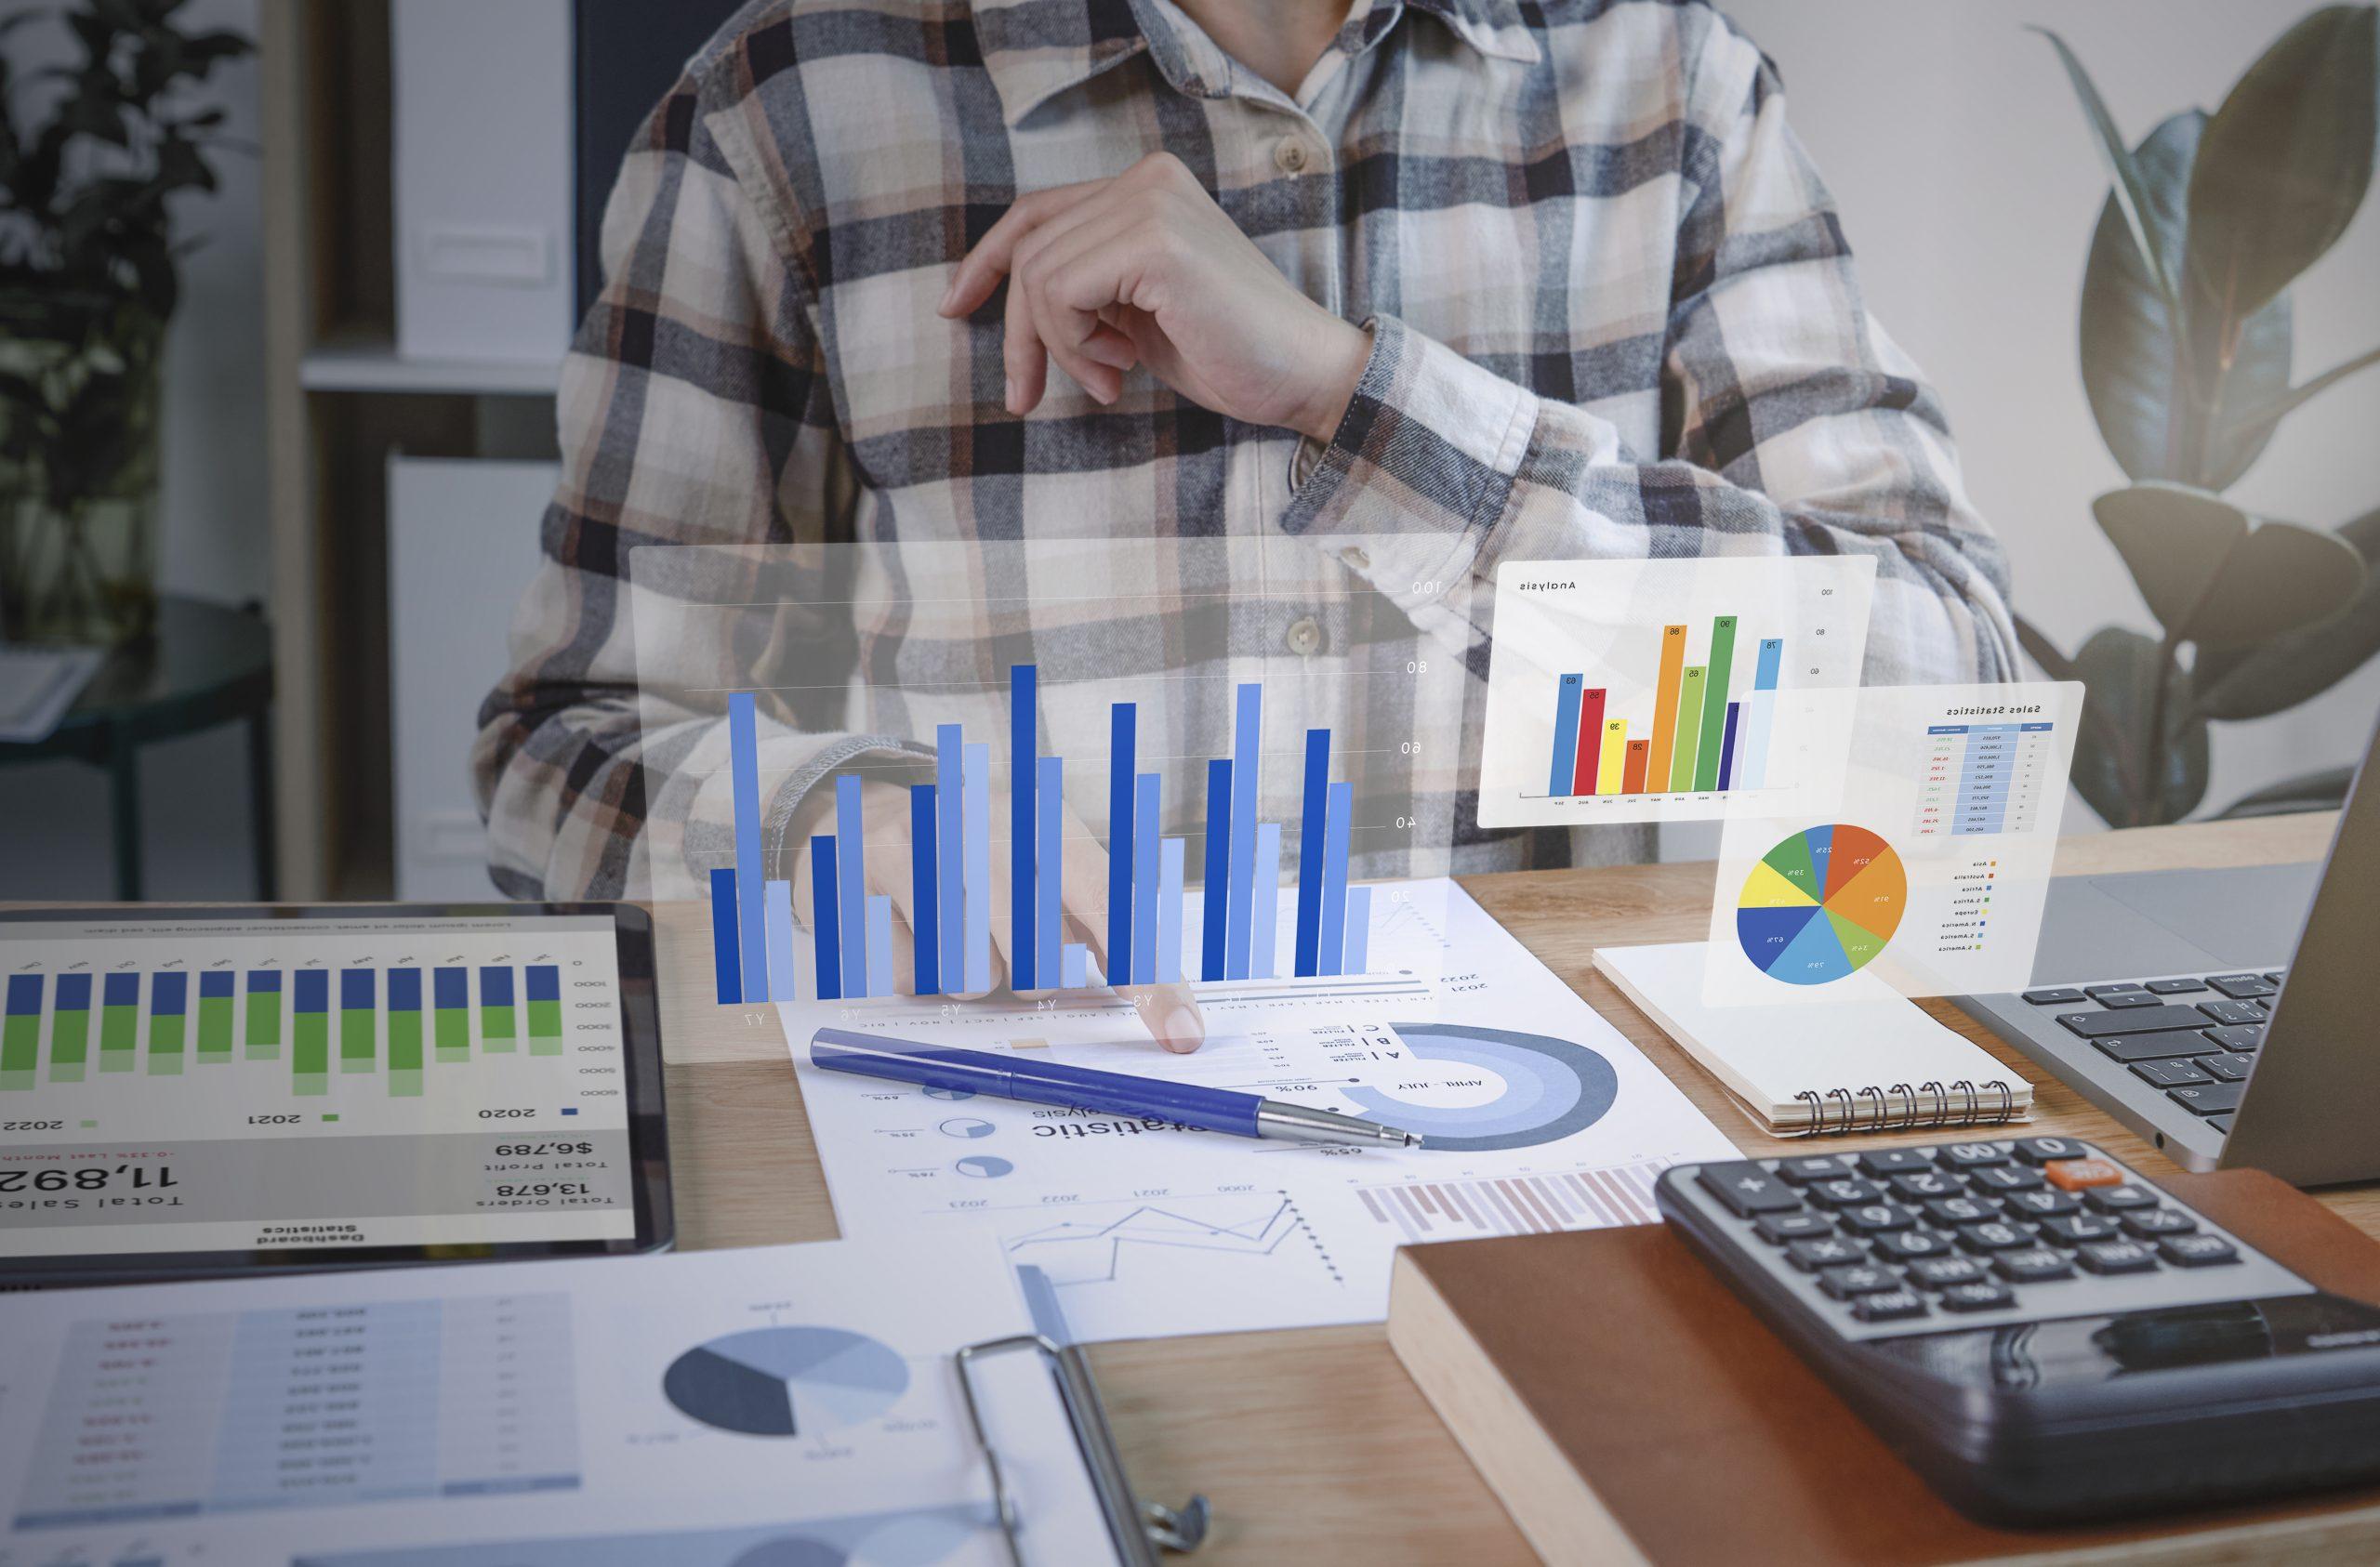 Gói Bản địa hóa VAS của Gimasys hỗ trợ tối đa sự phát triển của doanh nghiệp.